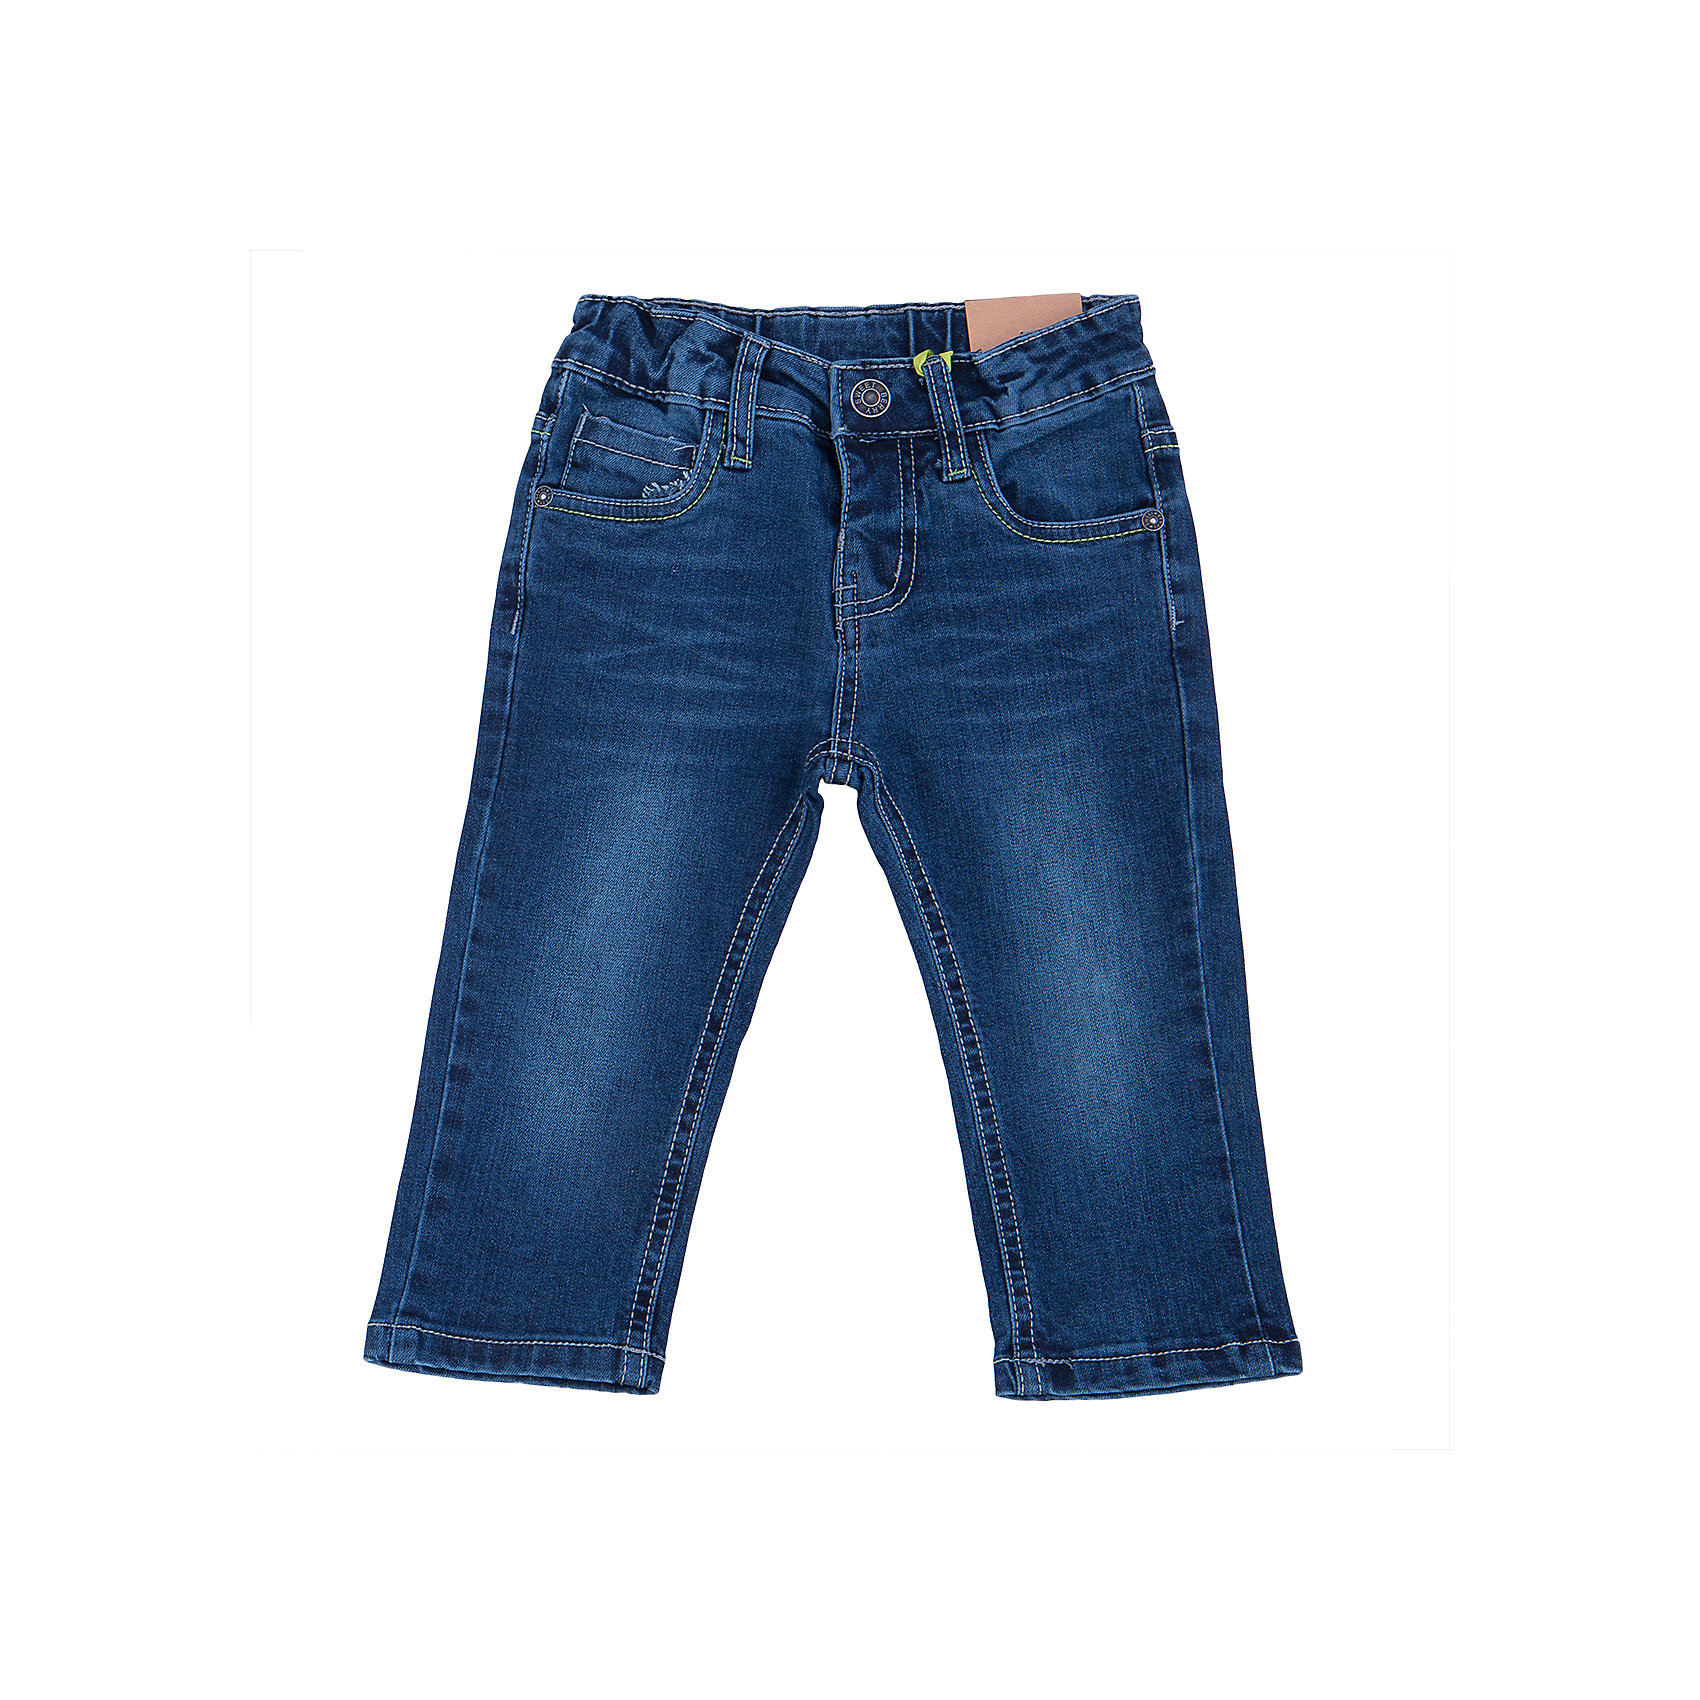 Джинсы для мальчика Sweet BerryДжинсы и брючки<br>Удобные джинсы для мальчика торговой марки Sweet Berry идеально подойдут Вашему малышу. Изготовленные из 100% хлопка, они мягкие и приятные на ощупь, не сковывают движения, сохраняют тепло дают ощущения комфорта. Джинсы застегиваются на пуговицу на поясе, также имеются шлевки для ремня и ширинка на застежке-молнии. Объем пояса регулируется при помощи эластичной резинки с пуговицей изнутри. Джинсы имеют классический пятикарманный крой: спереди модель дополнена двумя втачными карманами и одним маленьким накладным кармашком, а сзади - двумя накладными карманами. Модель оформлена контрастной декоративной отстрочкой на карманах сзади и модными потертостями. Практичные и стильные джинсы,   с модными потёртостями и высококачественным материалом подарят Вашему малышу комфорт в течение дня!<br><br> Дополнительная информация:<br><br>- комплектация: джинсы для мальчика<br>- материал : 100% хлопок<br>- цвет: синий <br>- коллекция: осень-зима 2016<br>- сезон: зима<br>- пол: для мальчика<br>- возраст: детский<br>- размер упаковки (дхшхв), 20 * 20 *5 см<br>- вес в упаковке, 230  г<br><br>Джинсы для  мальчика торговой марки Sweet Berry  можно купить в нашем интернет-магазине<br><br>Ширина мм: 215<br>Глубина мм: 88<br>Высота мм: 191<br>Вес г: 336<br>Цвет: синий<br>Возраст от месяцев: 24<br>Возраст до месяцев: 36<br>Пол: Мужской<br>Возраст: Детский<br>Размер: 98,80,86,92<br>SKU: 4929862